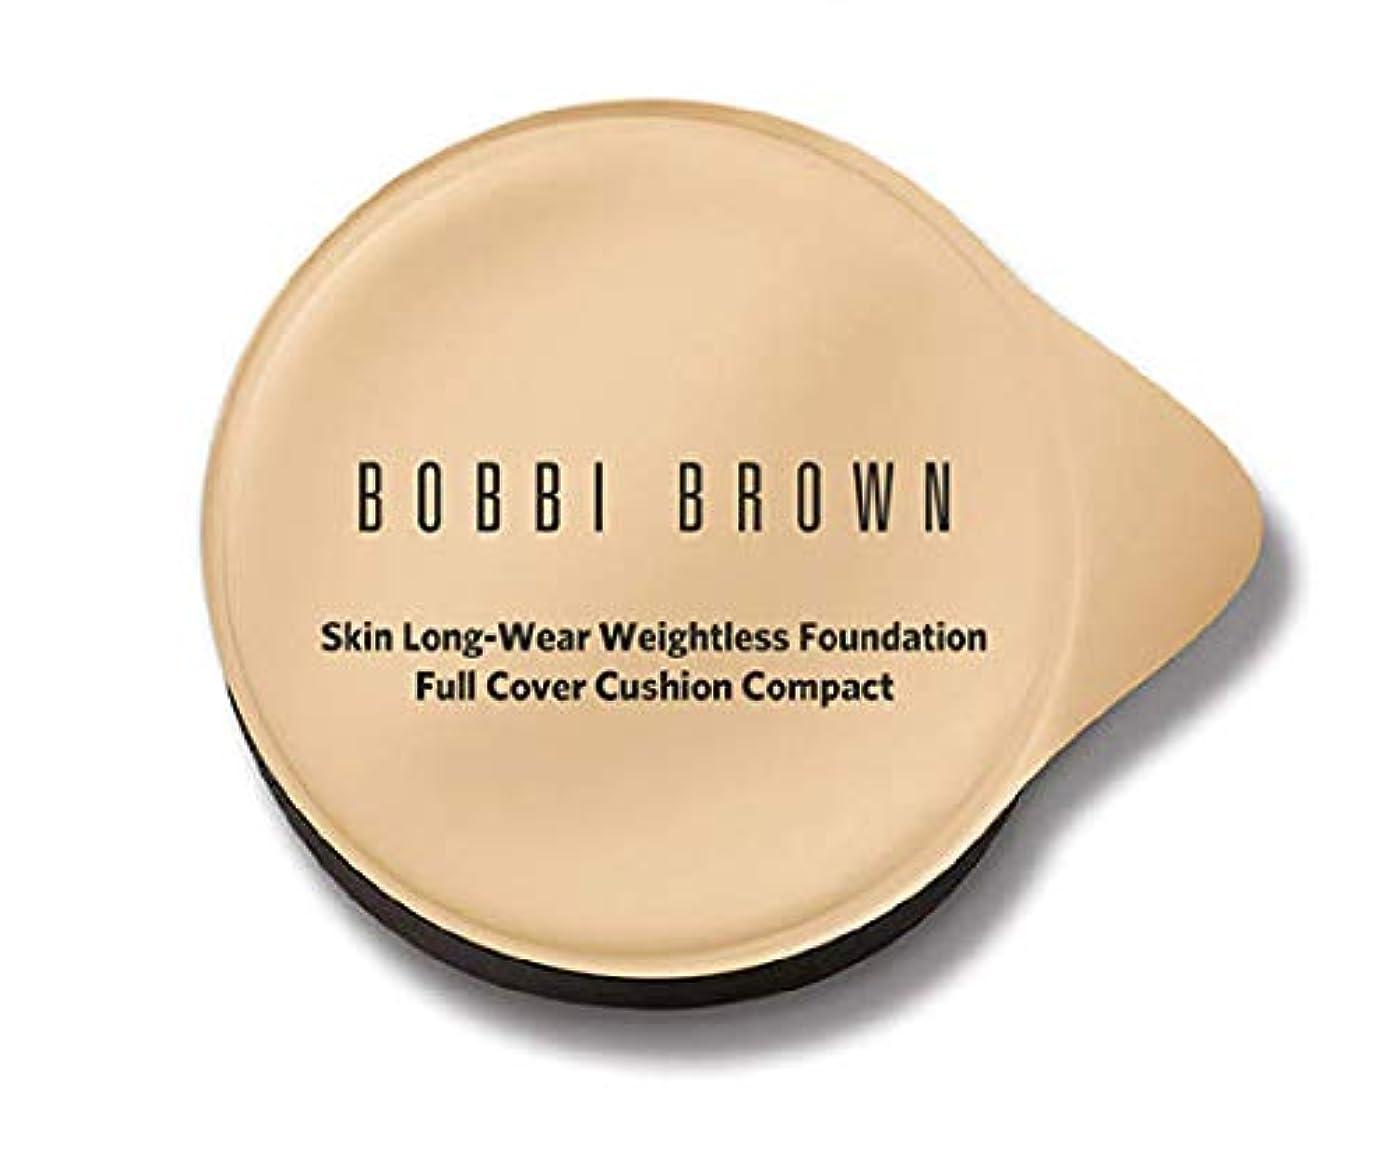 石化する乱用実質的ボビーブラウンスキンロングウェアウエストレスファンデーションフルカバークッションコンパクトレフィル(スポンジ付)5色展開 (ミディアム)